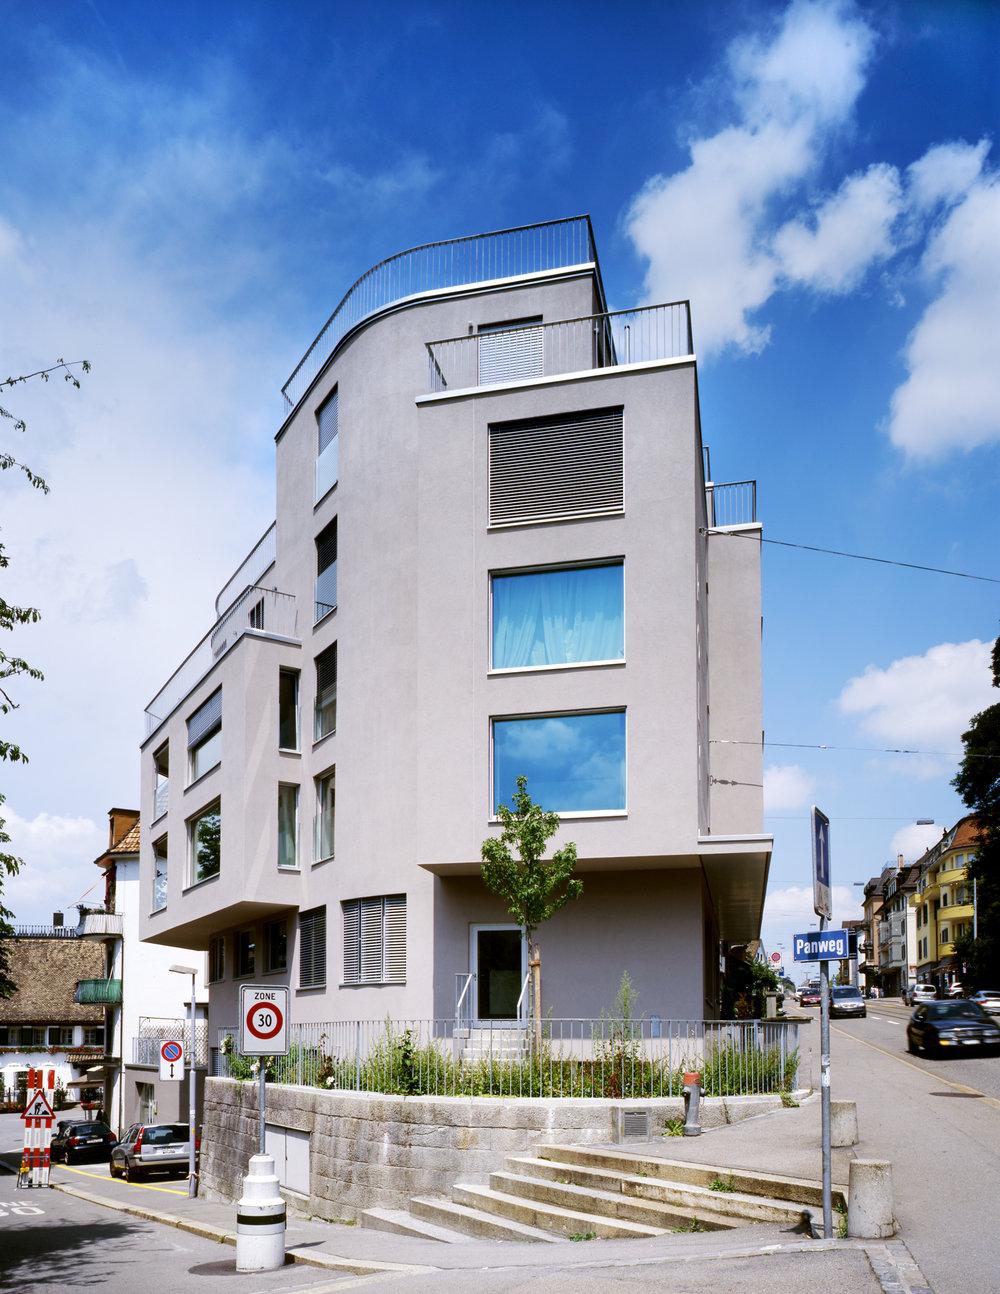 Hotel Poly Umbau, Zürich Kreis 6